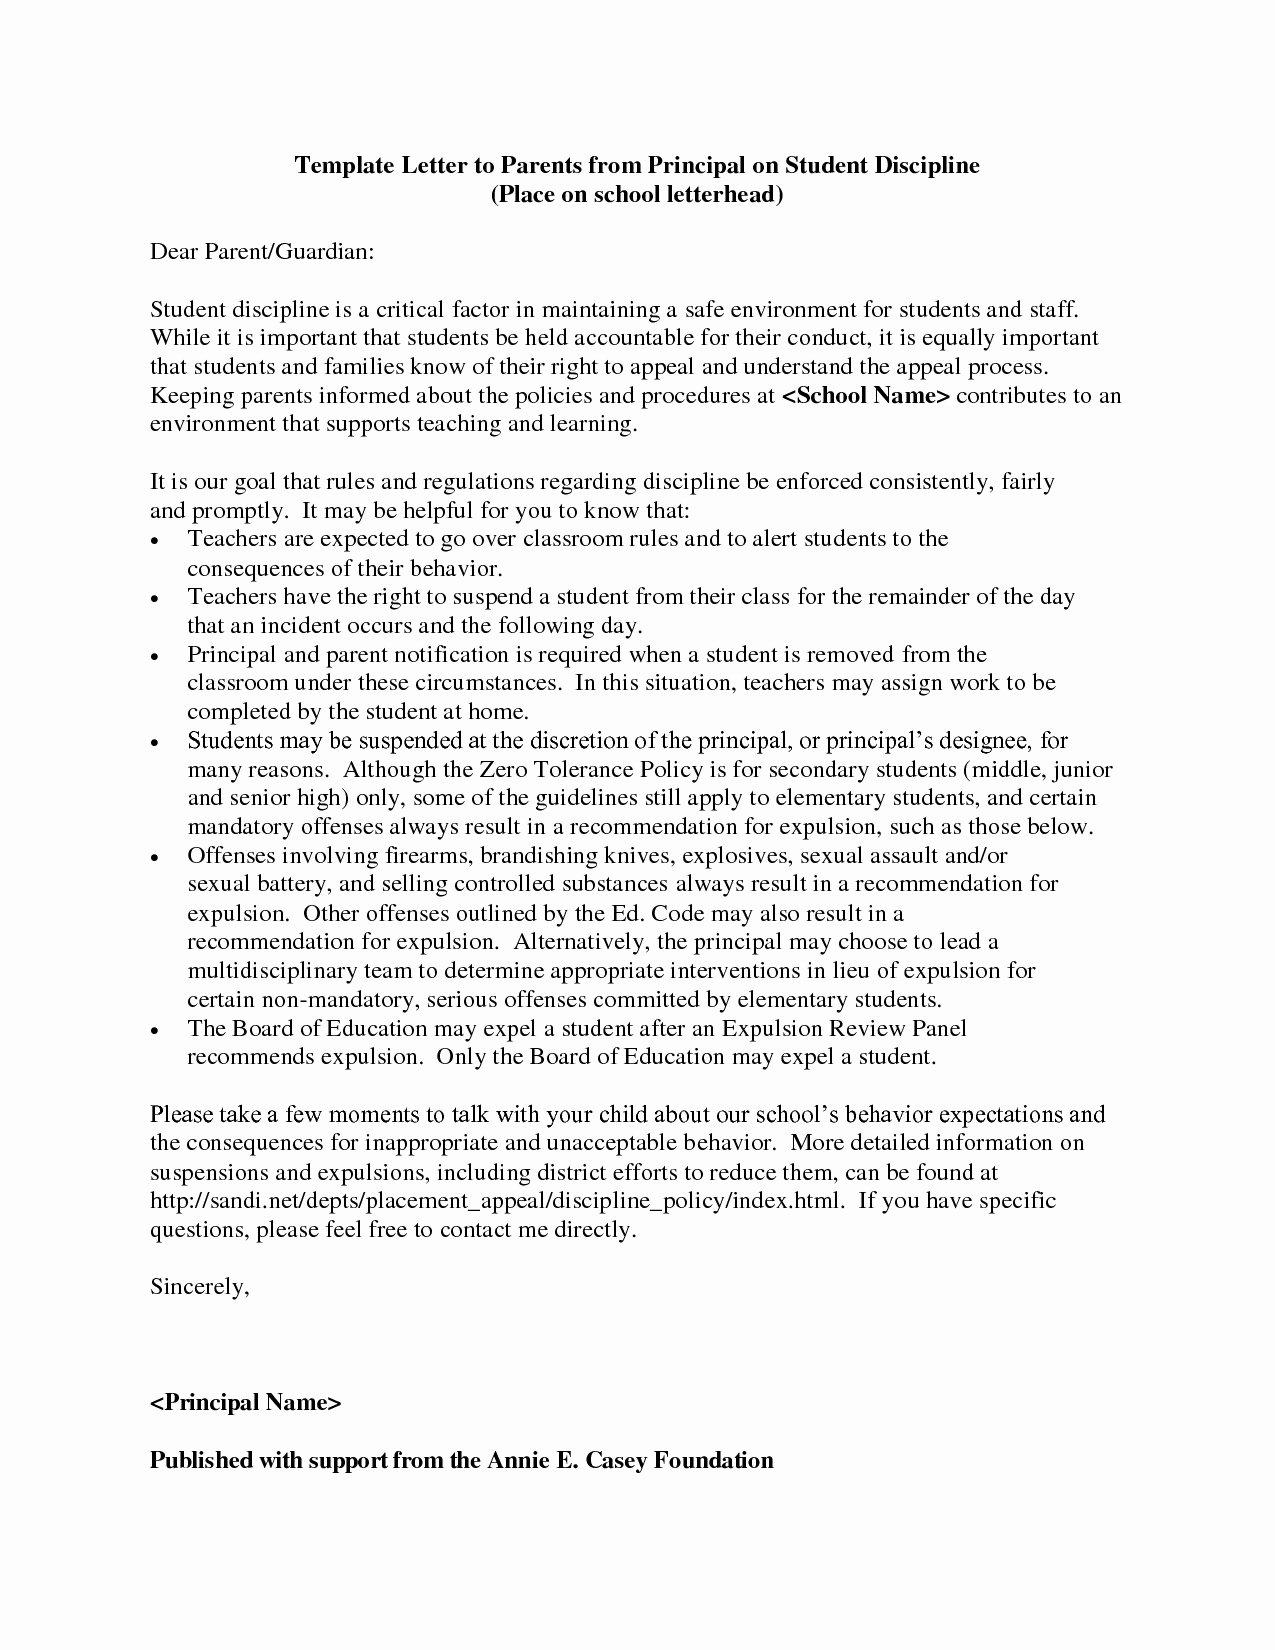 Parent Letter From Teacher Template Elegant Behavior Letter to Parents From Teacher Template